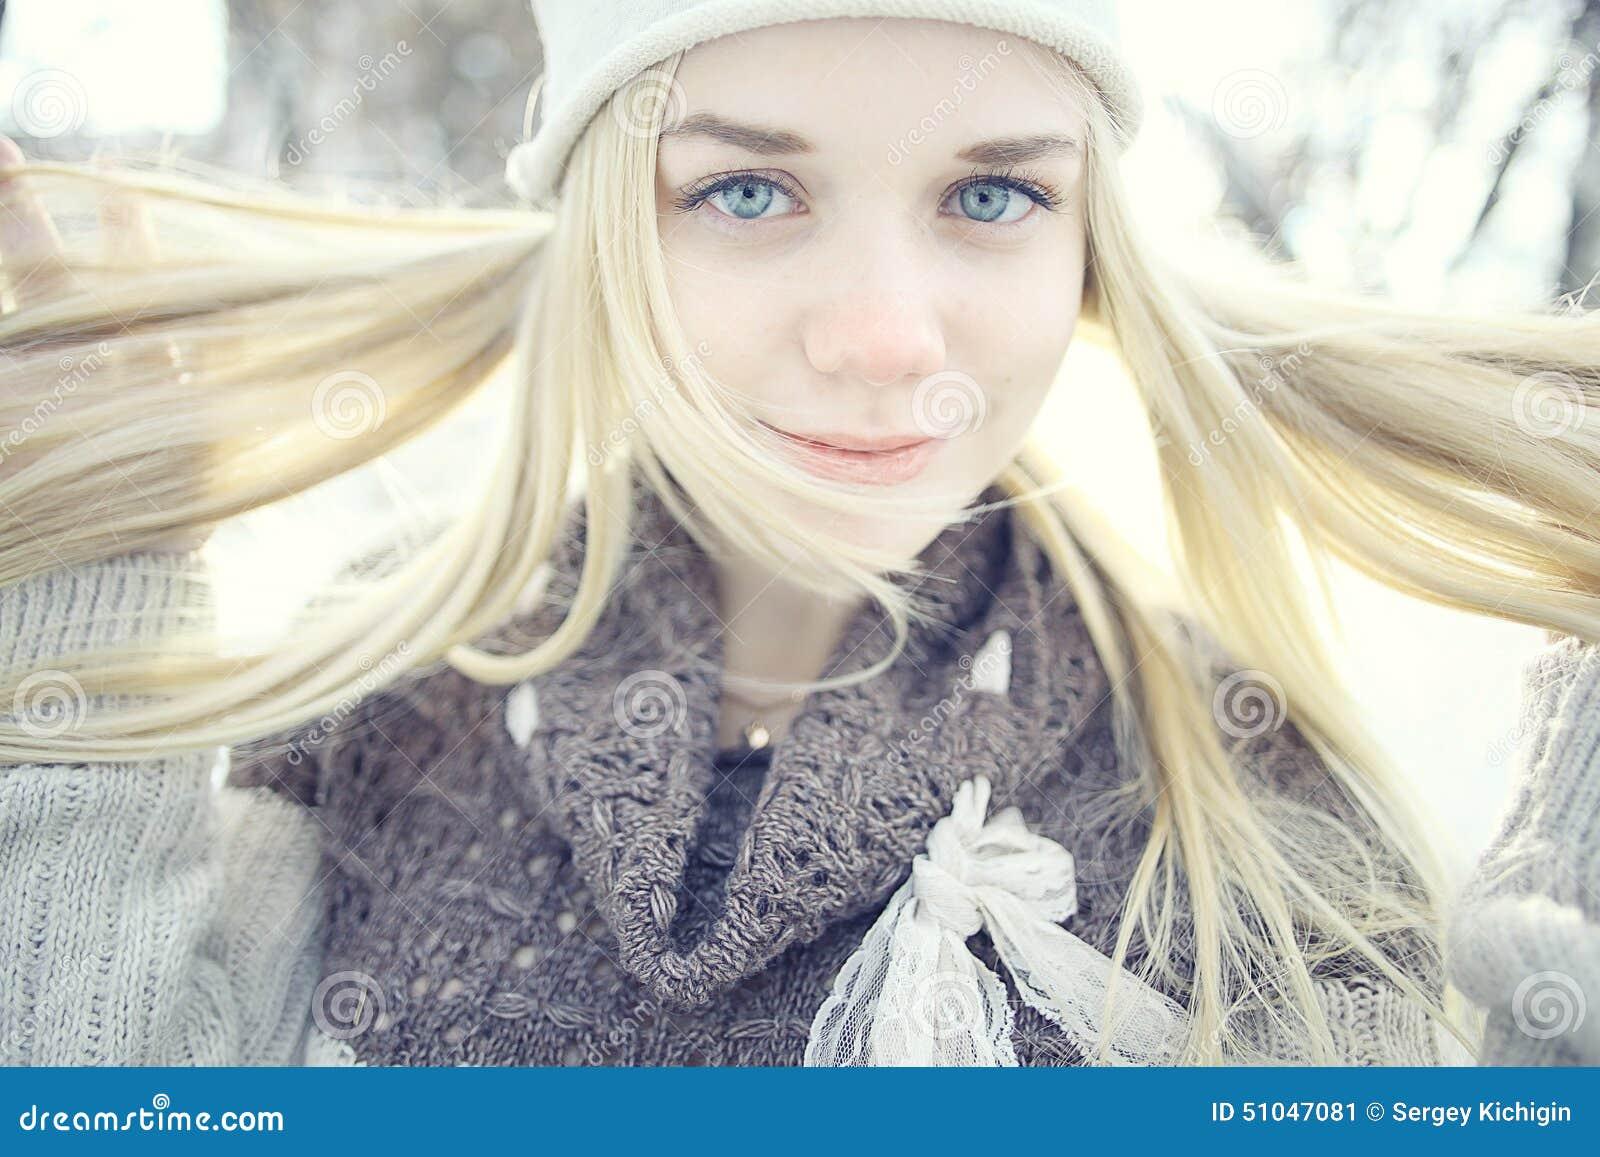 Chaud nue blonde les adolescents